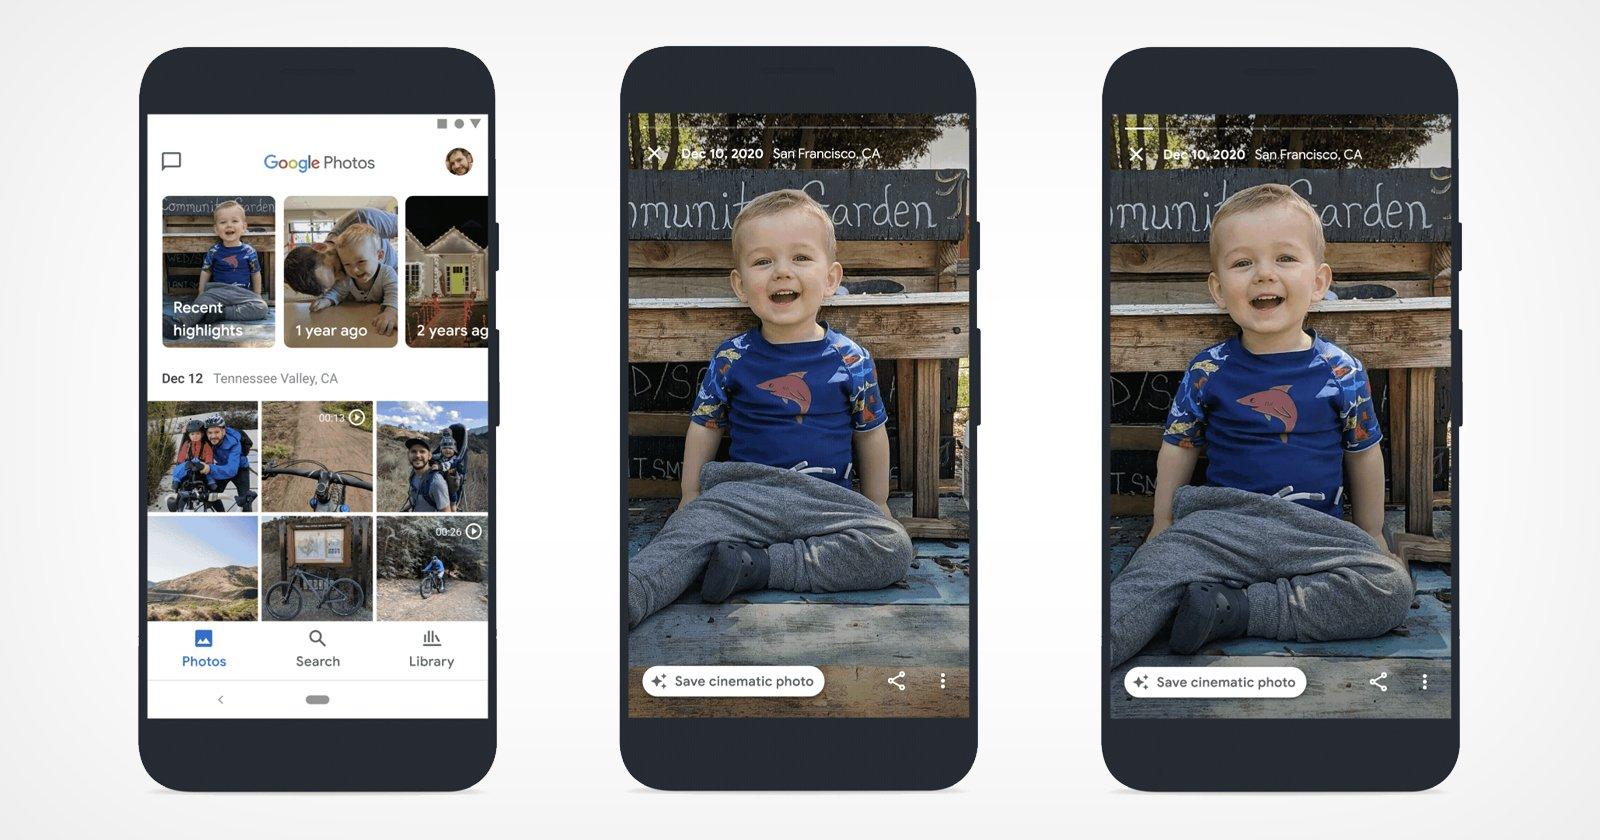 گوگل فوتوز با هوش مصنوعی عکسهای معمولی را به تصاویر سه بعدی تبدیل میکند